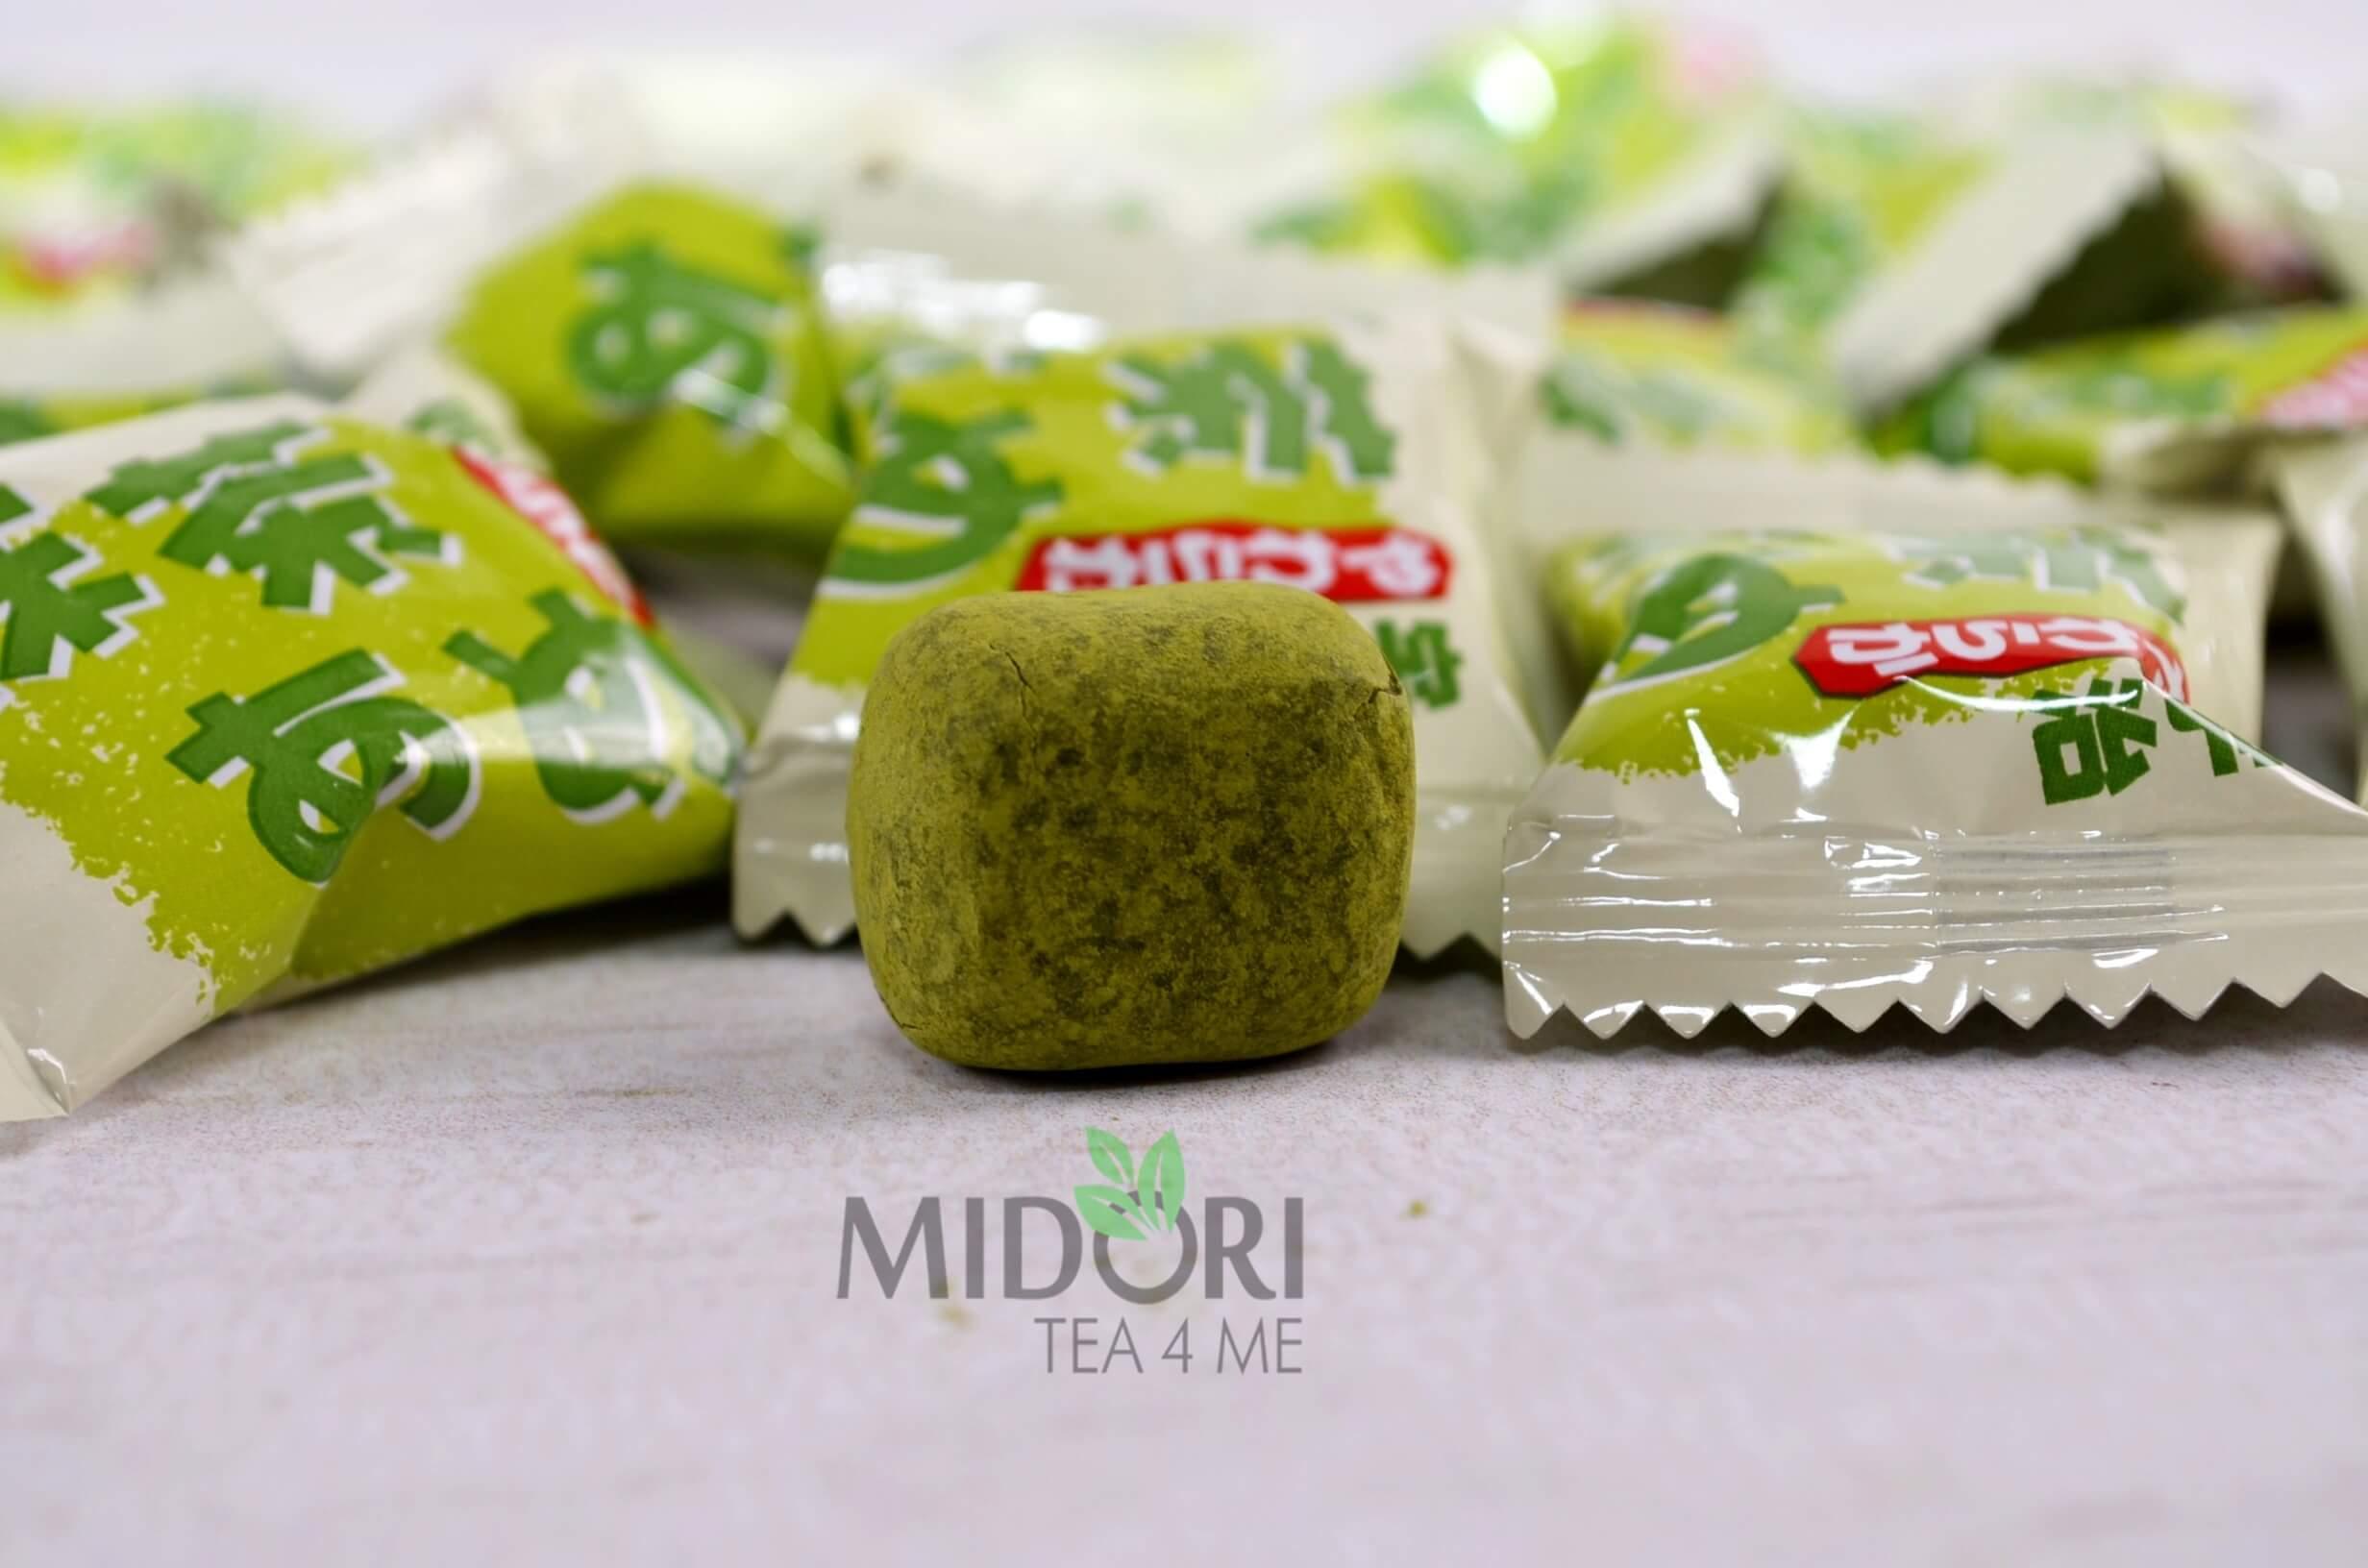 japońskie cukierki, cukierki matcha, cukierki z zieloną herbatą, japońskie cukierki, matcha candy